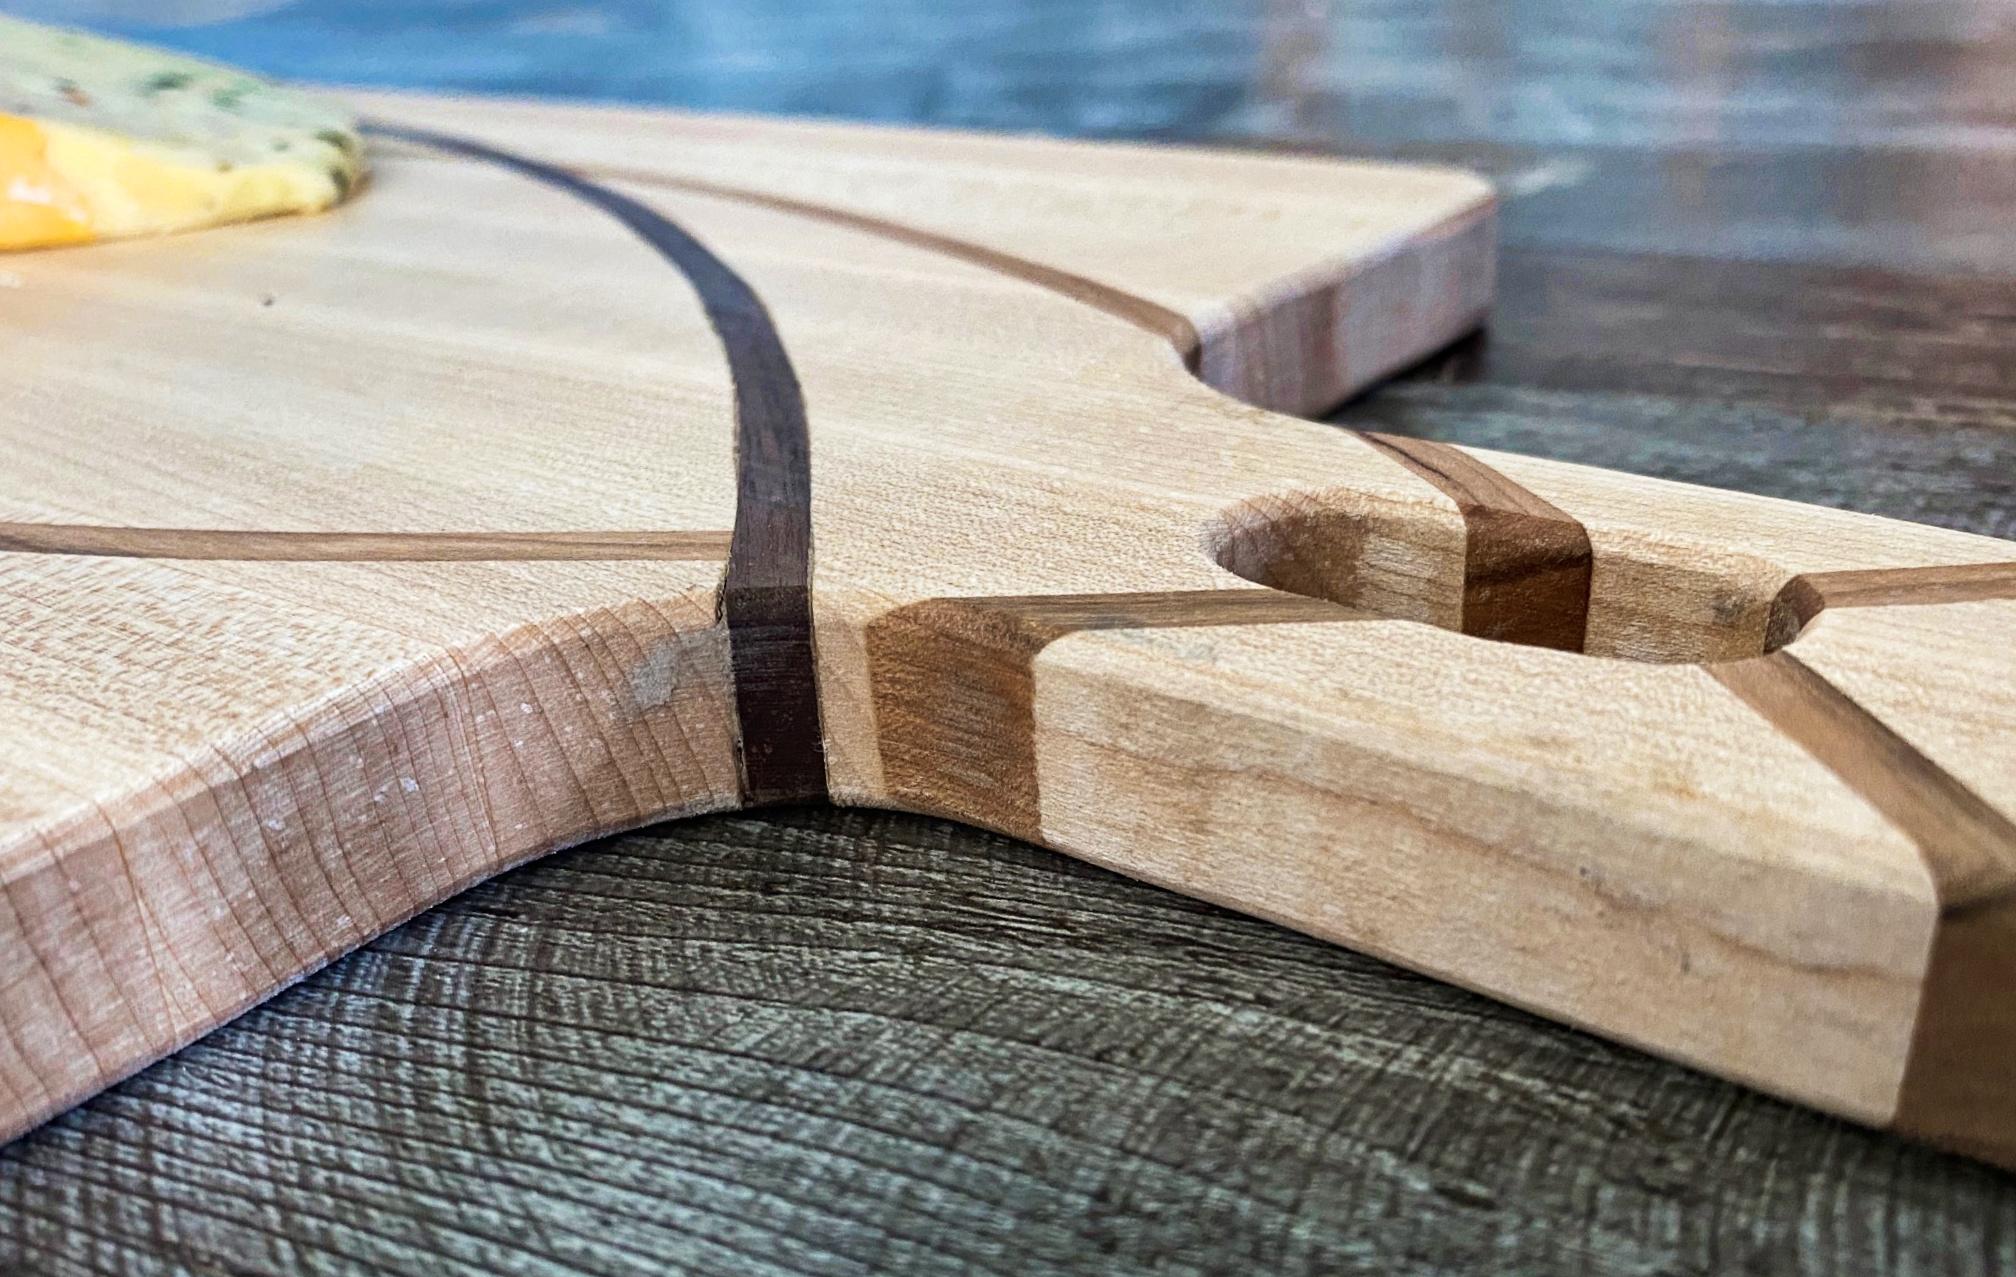 cutting board closeup